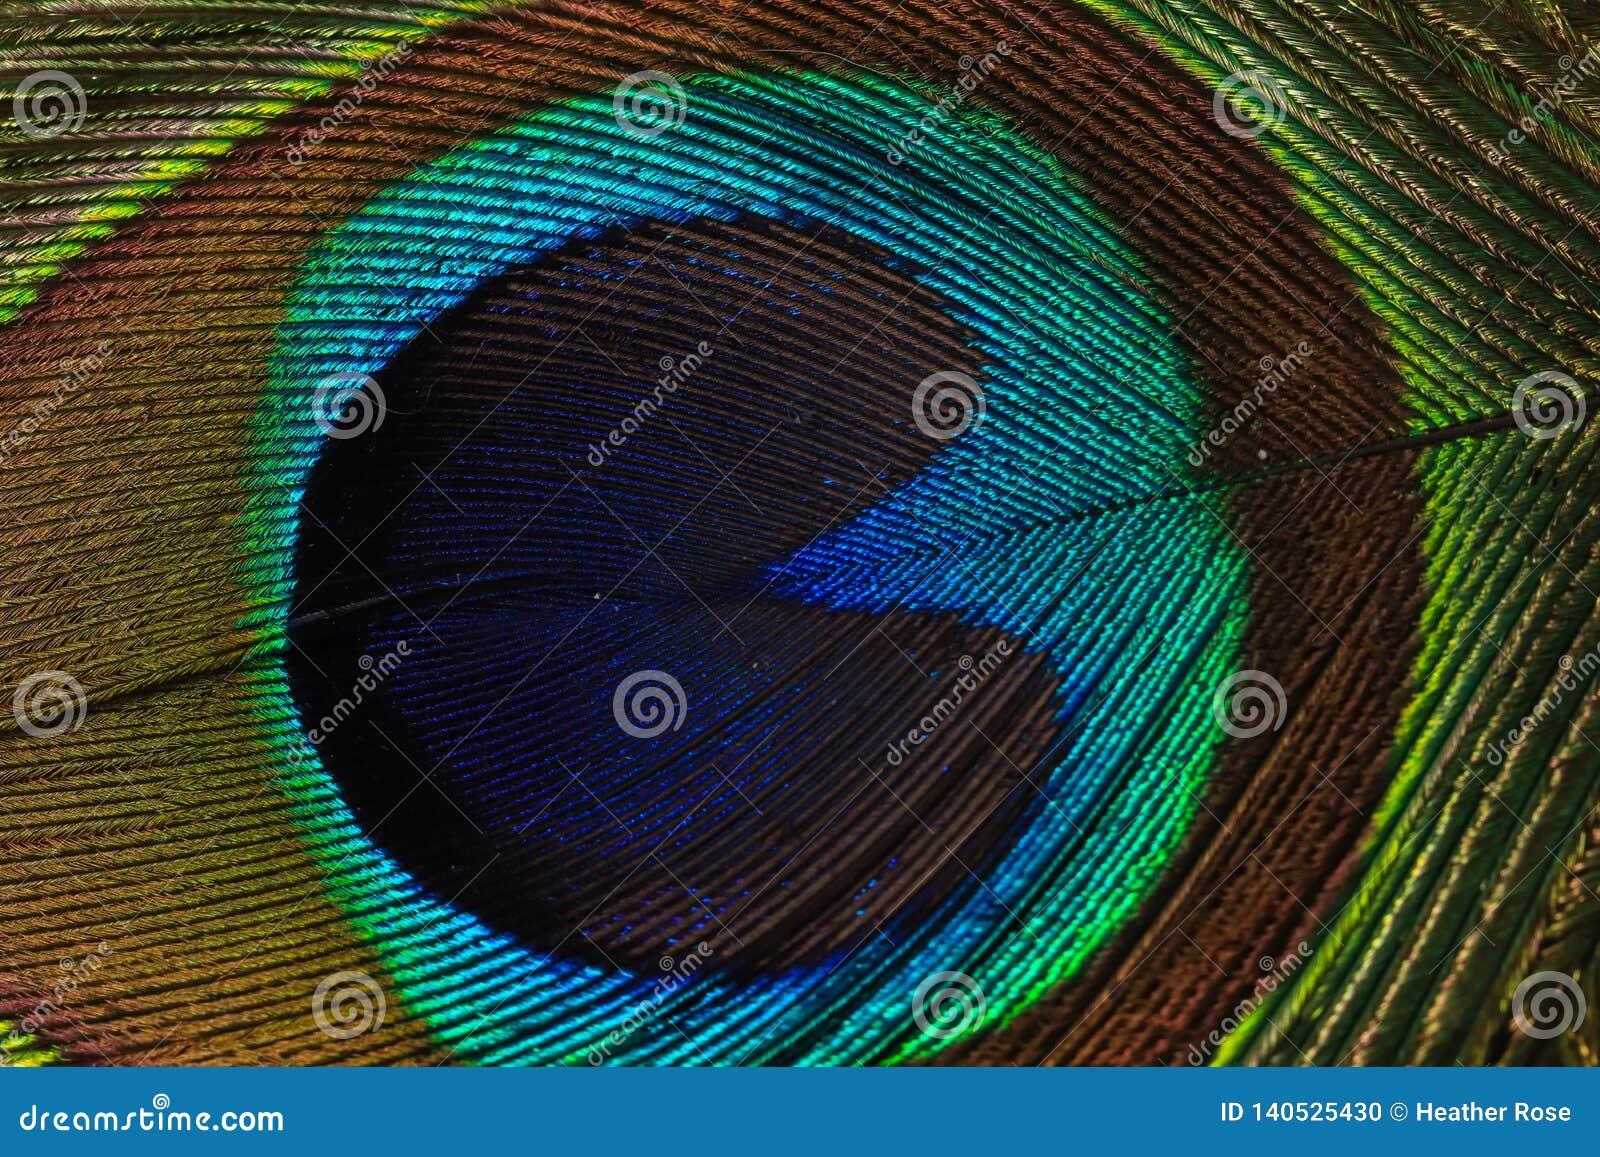 Macrofotografia della piuma del pavone